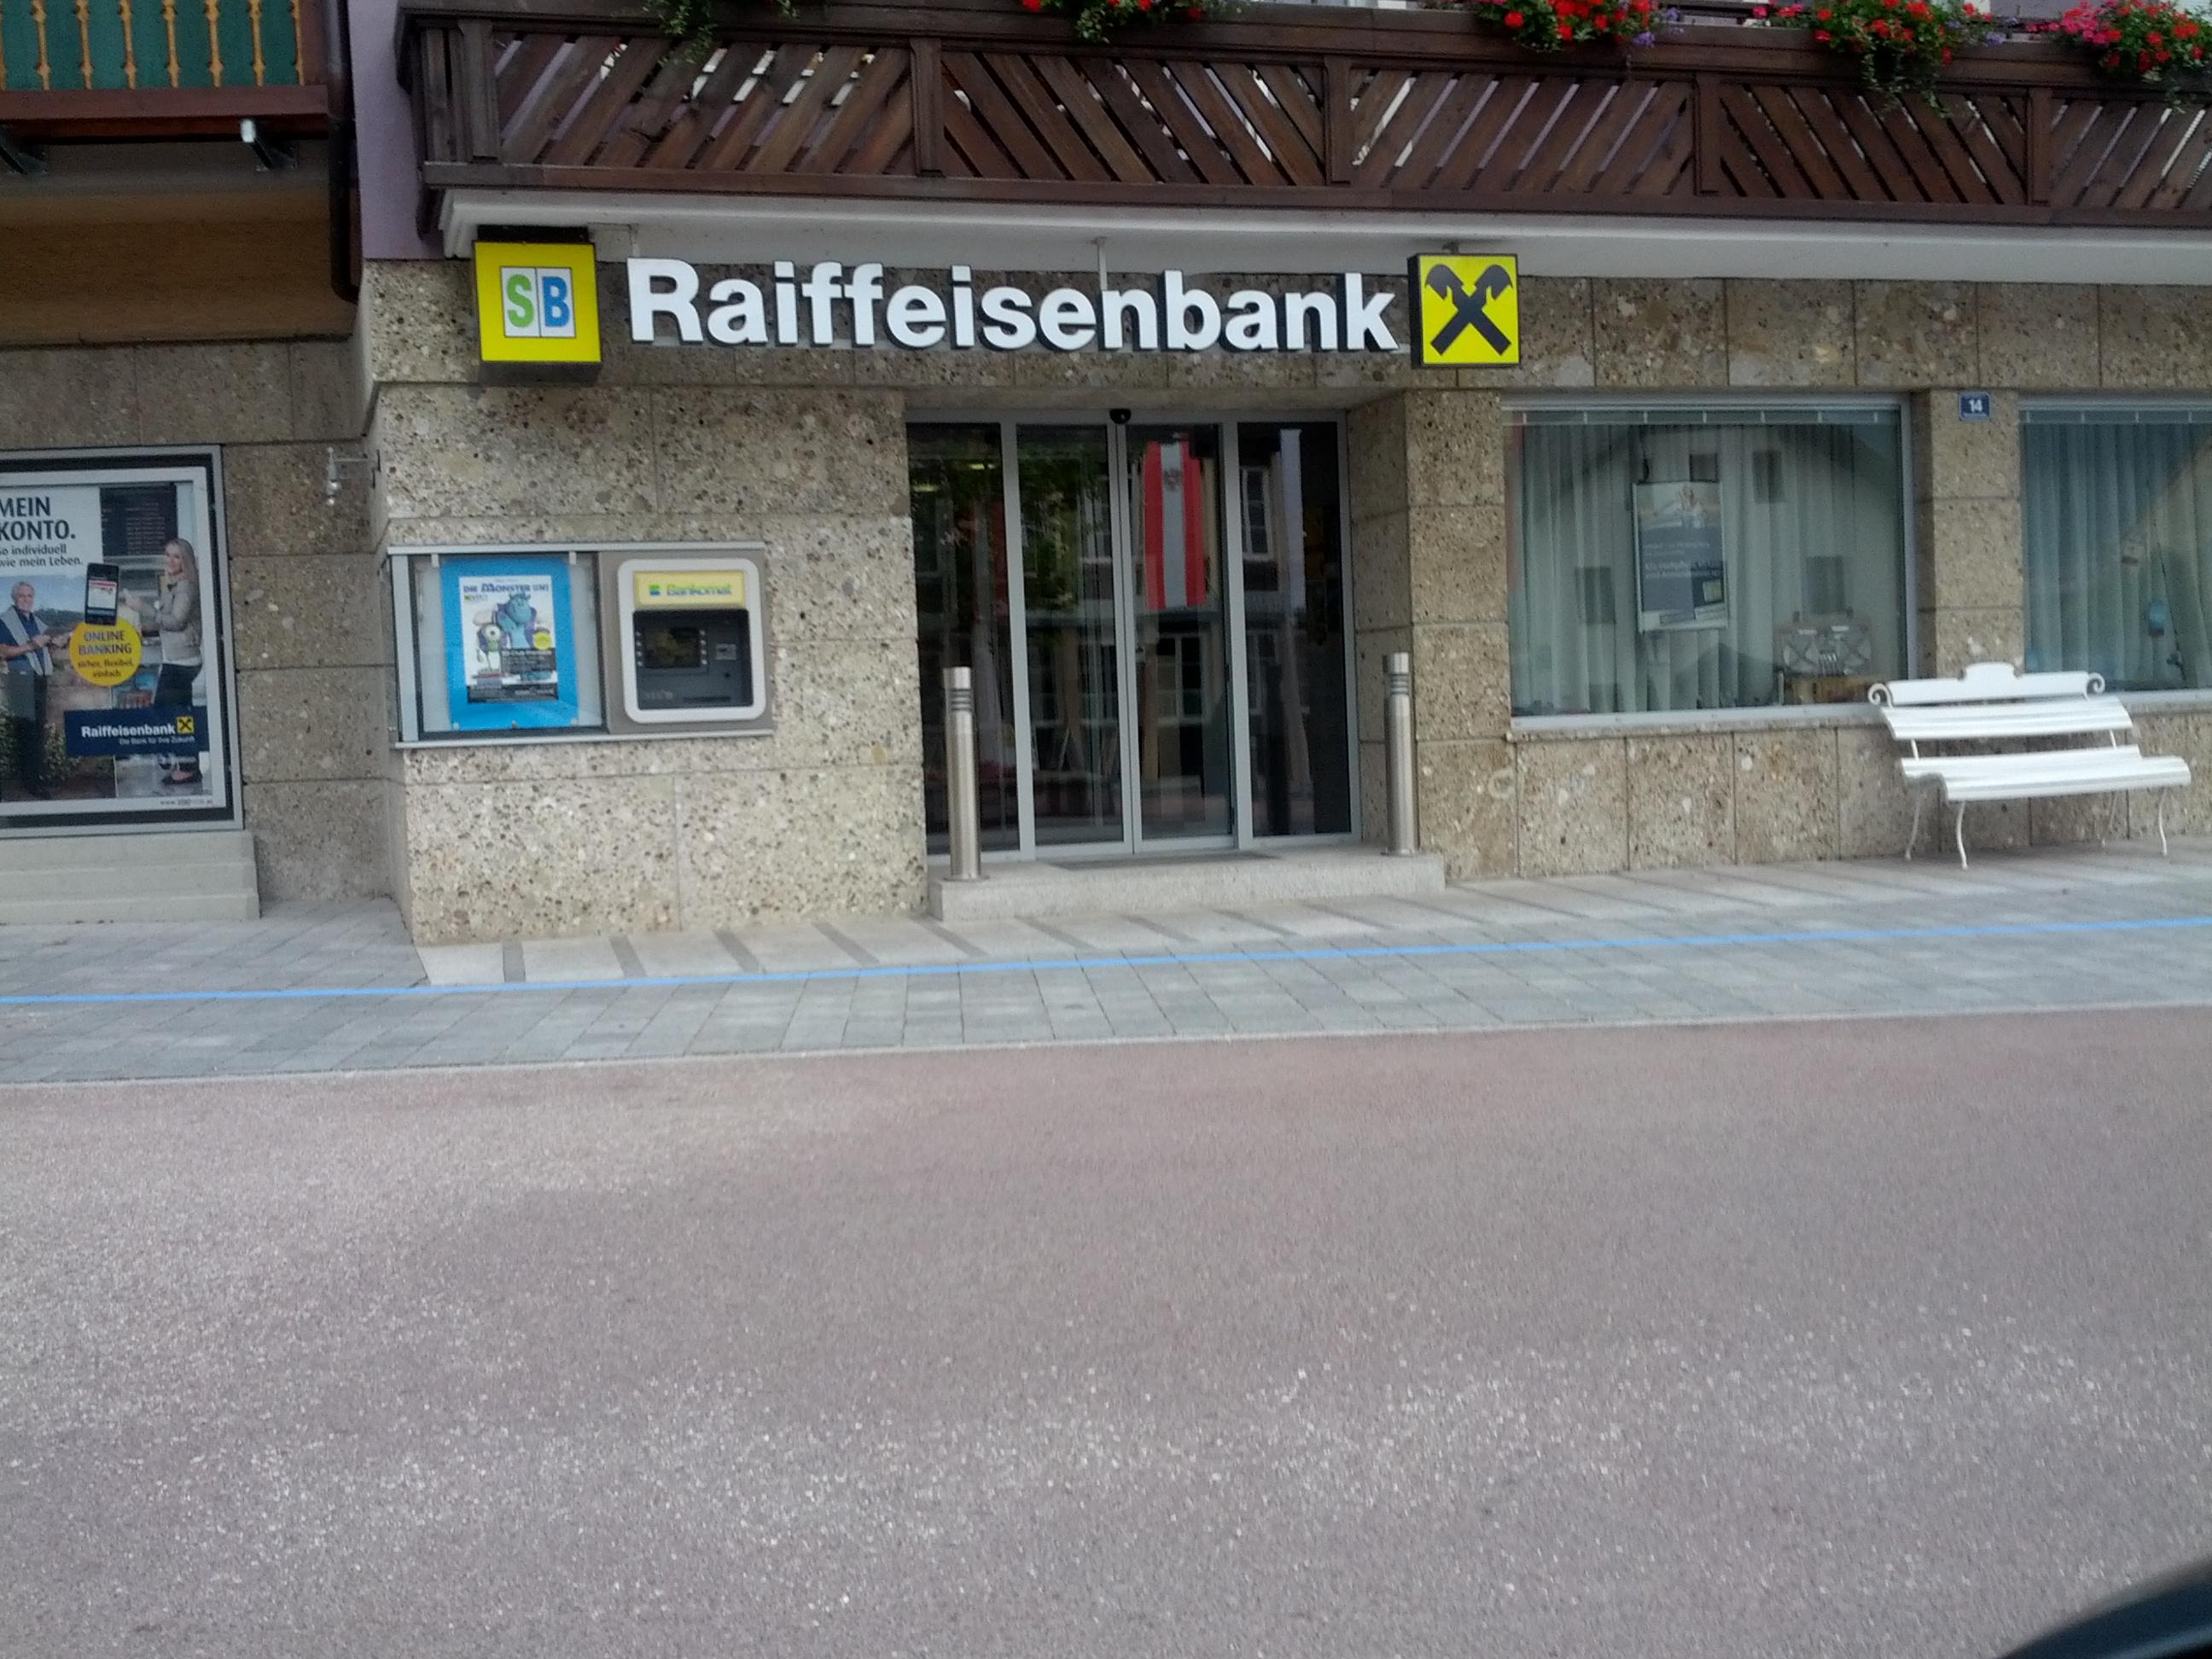 Raiffeisenbank Attersee-Süd reg. Gen. m. b. H. Zws. Unterach/Attersee